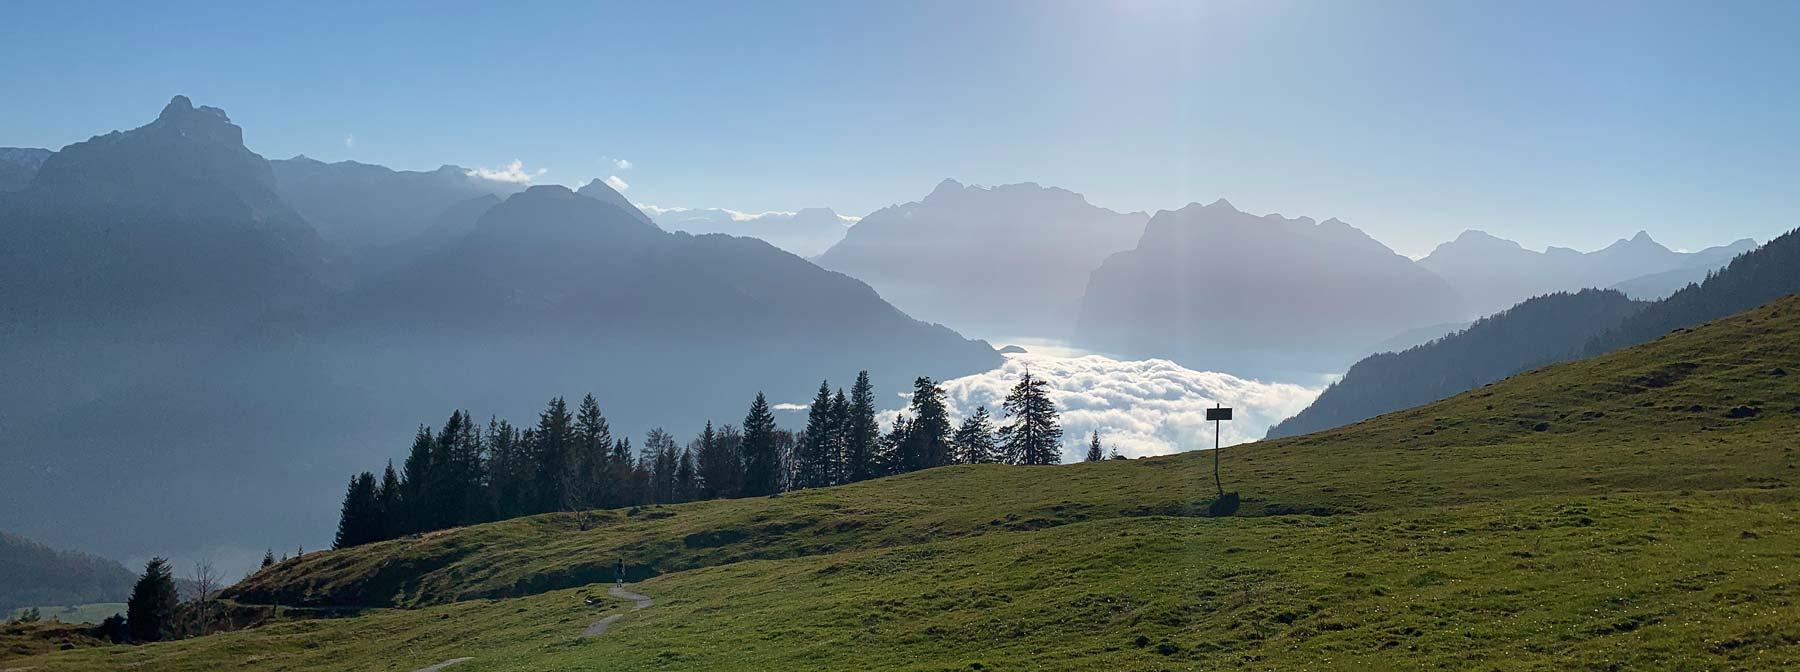 Alp Wallau